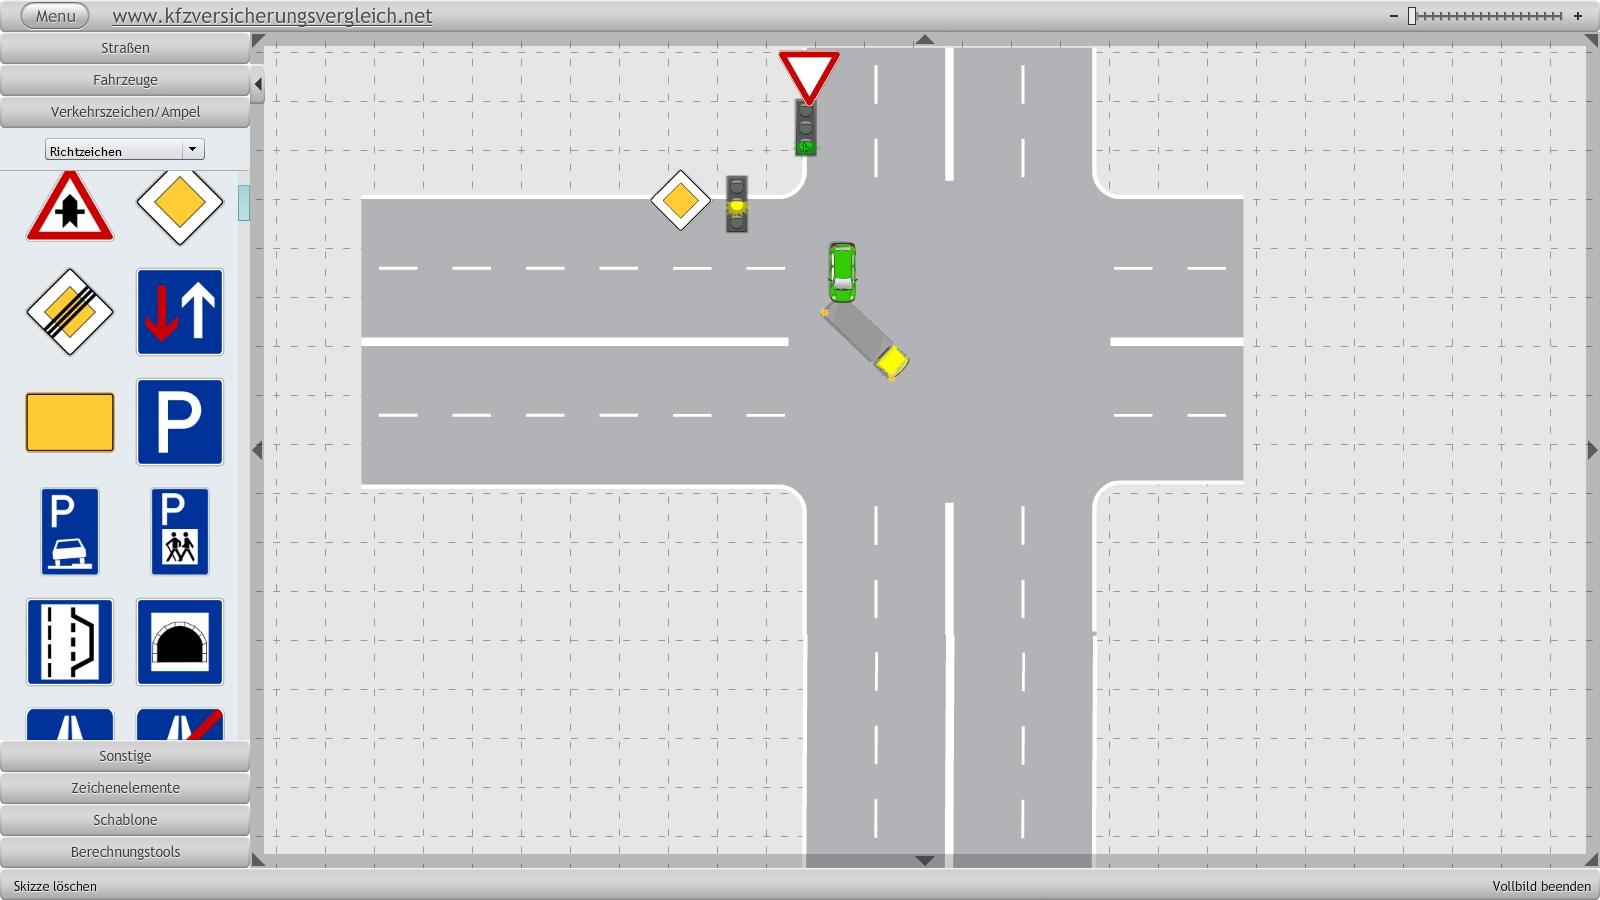 Ungewöhnlich Unfall Skizze Fotos - Verdrahtungsideen - korsmi.info